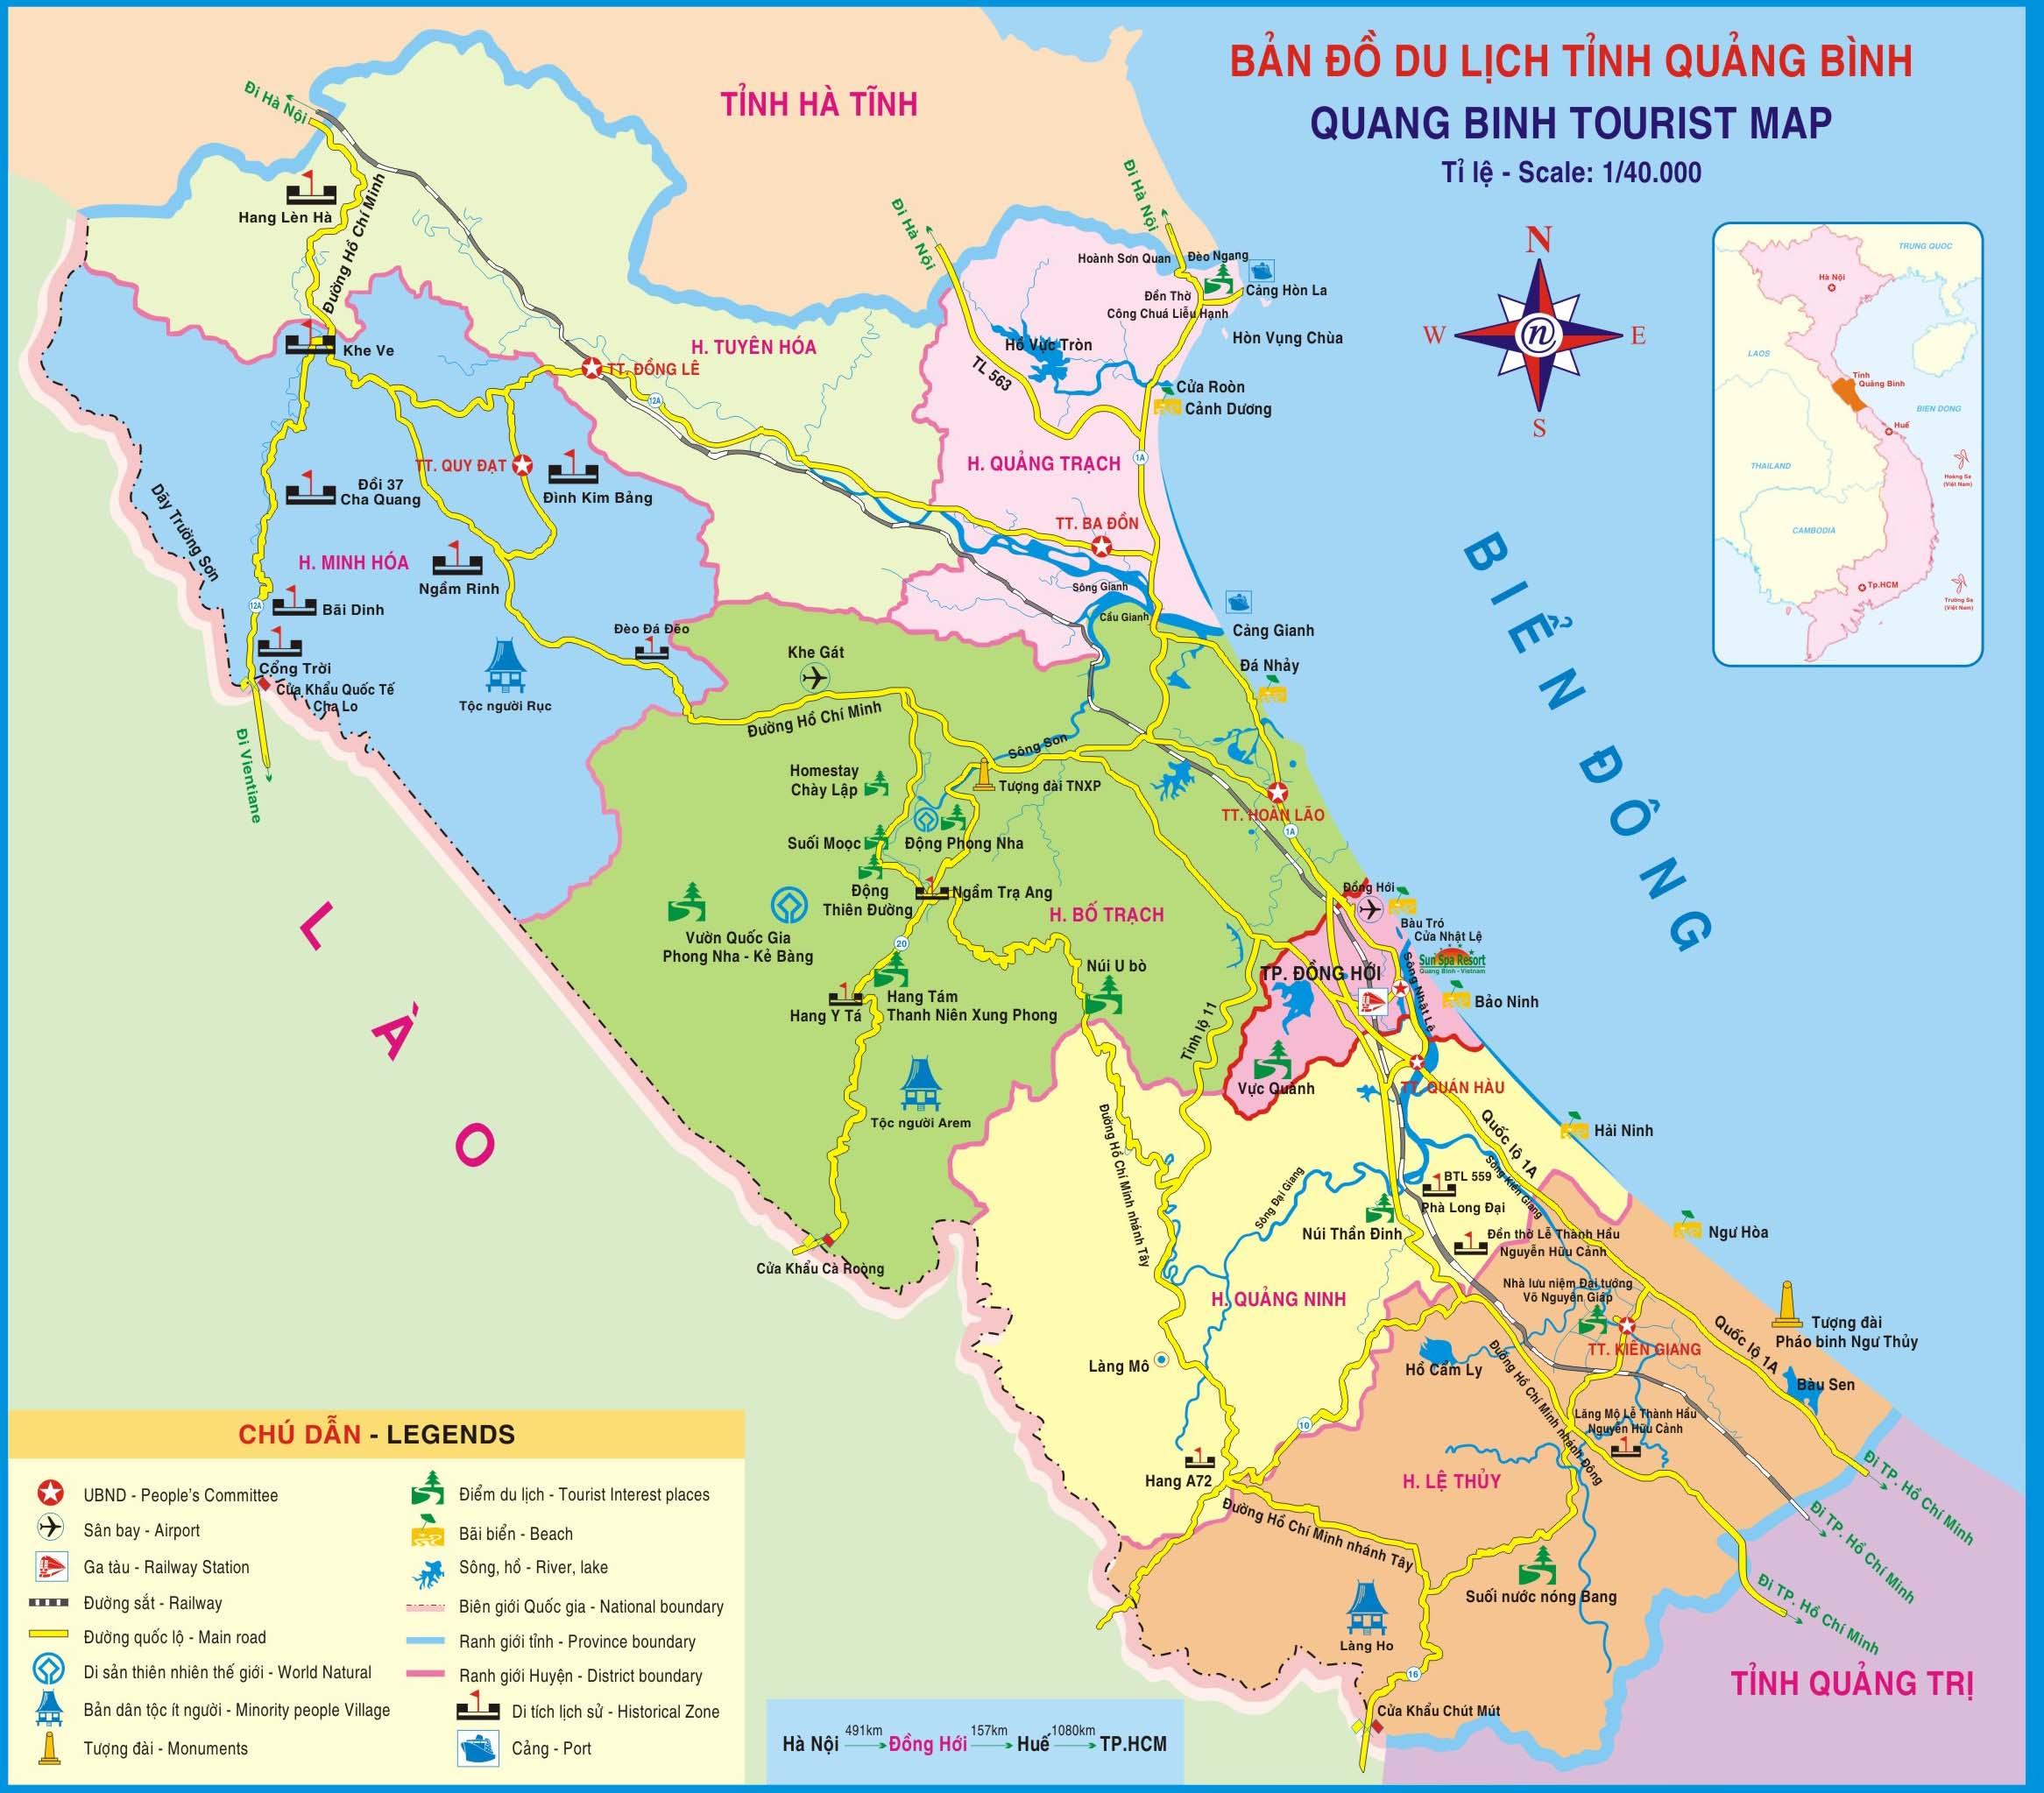 Bảng giá nhà đất Quảng Bình từ năm 2015 đến 2020